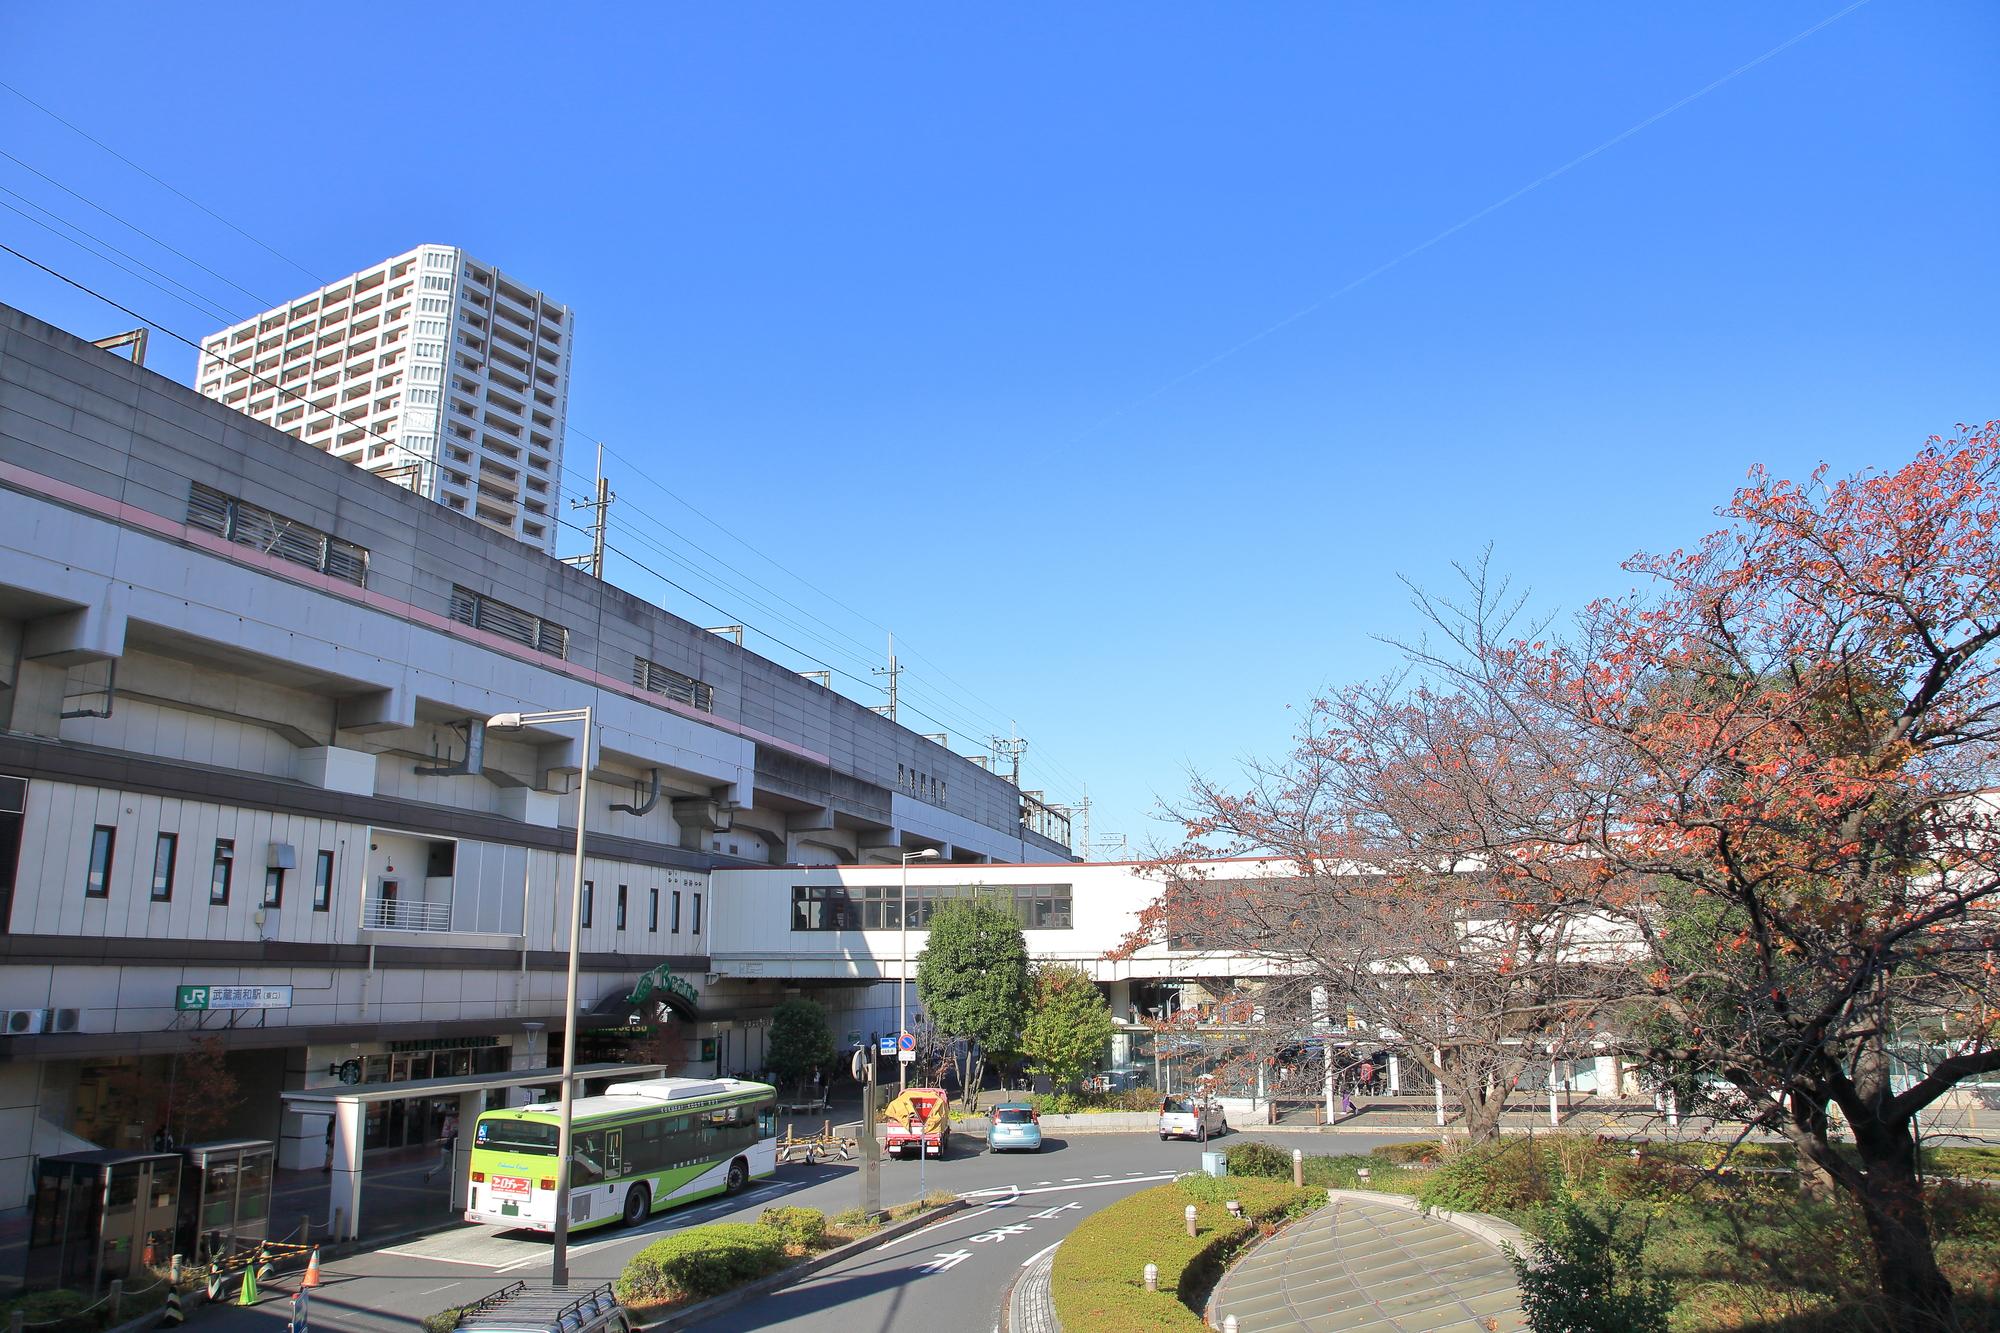 木曜に通院したい方へ!武蔵浦和駅の歯医者さん、おすすめポイント紹介